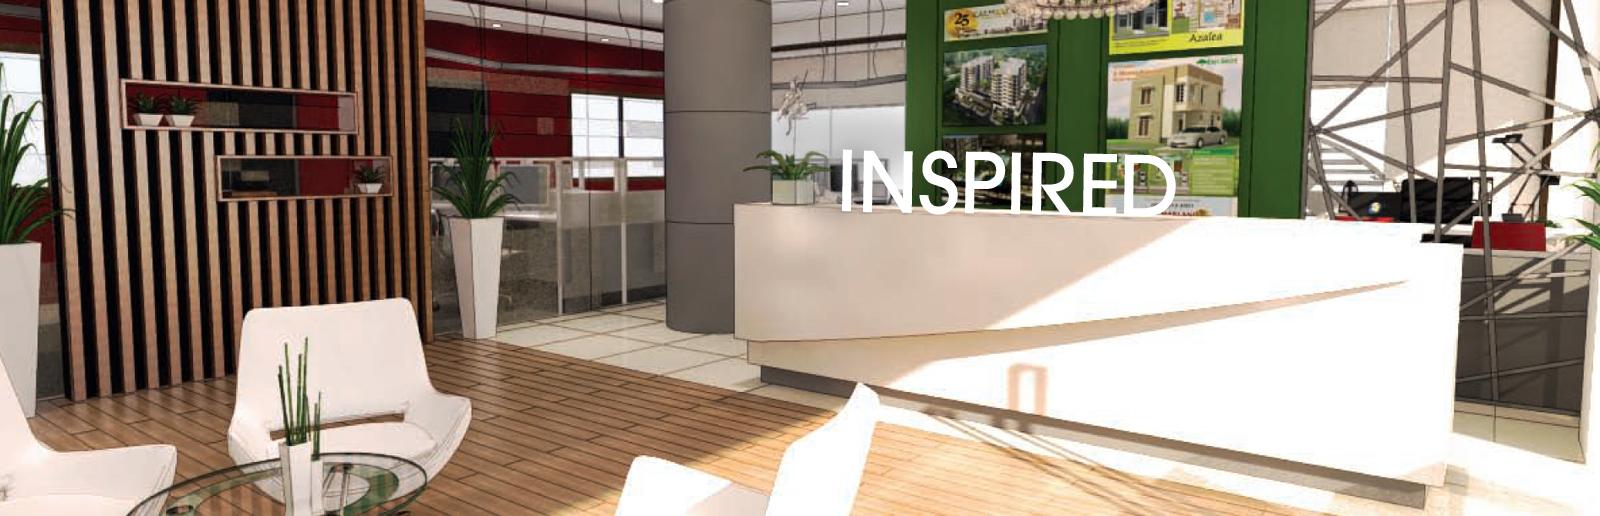 ANCJ Architecture and Interior Design Inc